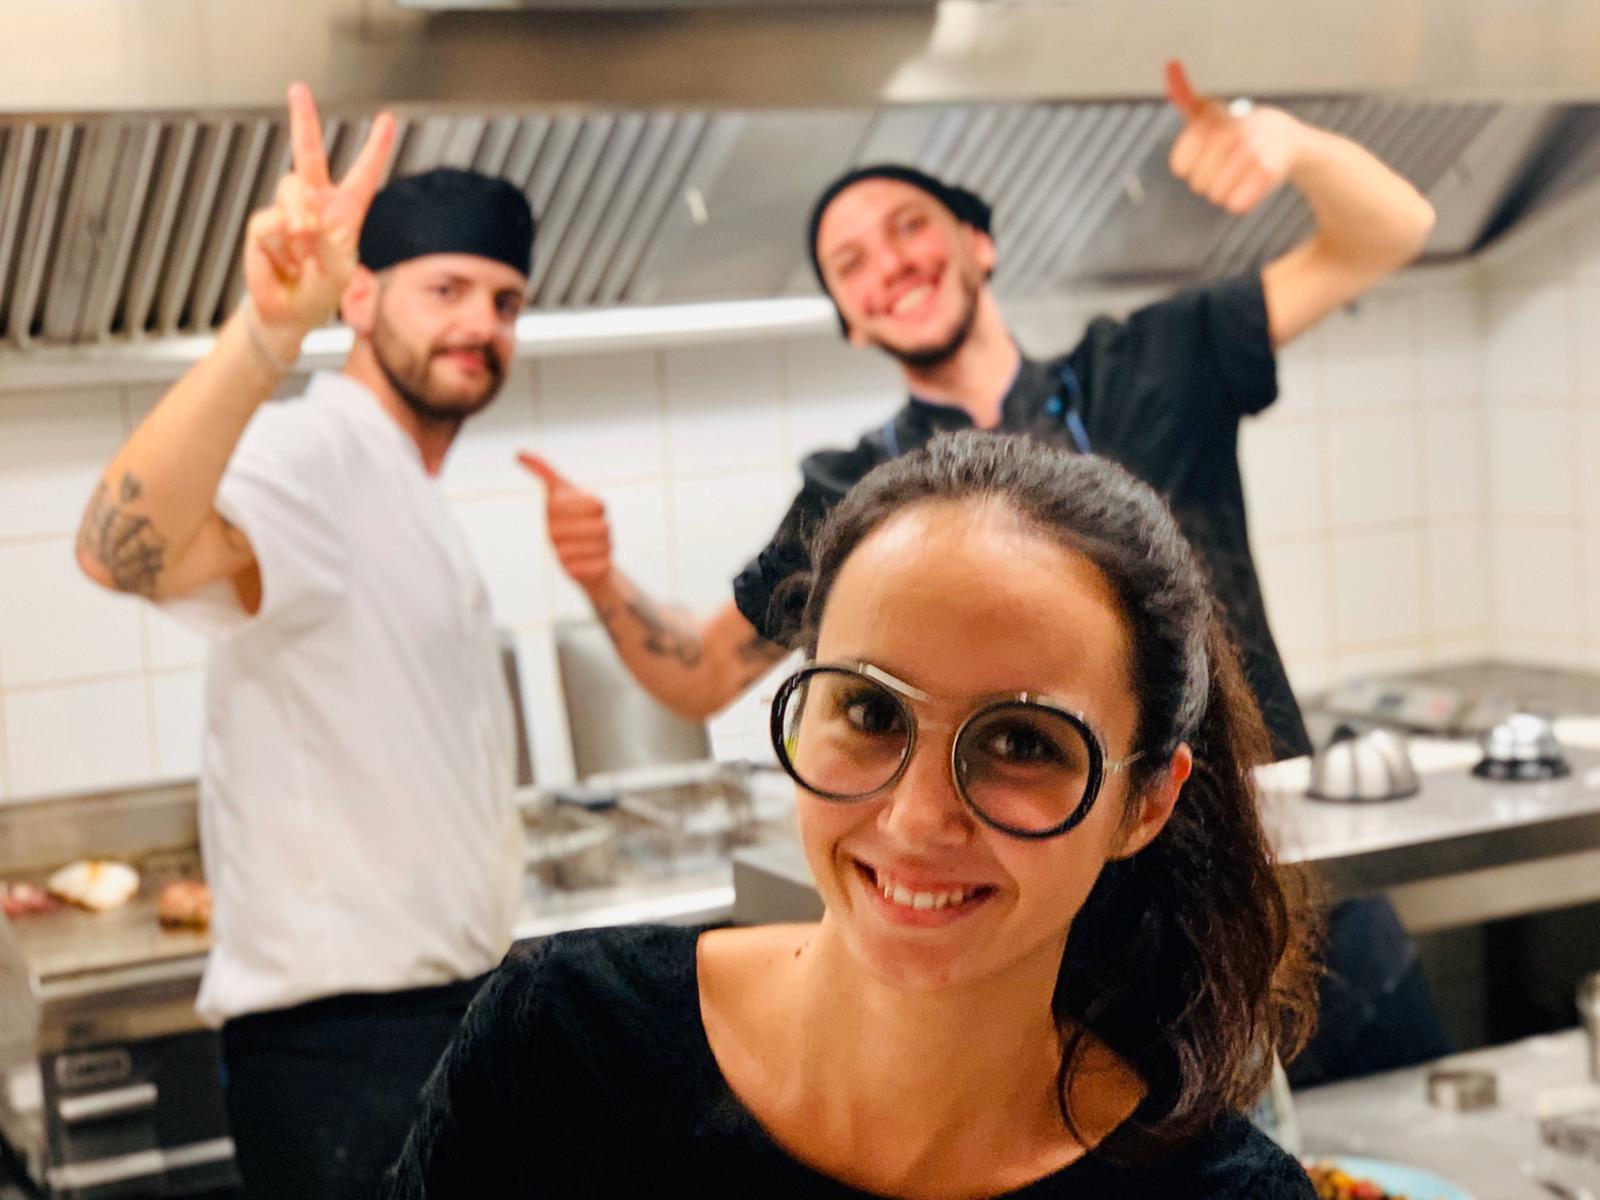 Da Adrano a Malta per incontrare l'amore e il lavoro: la favola semplice di Annalisa